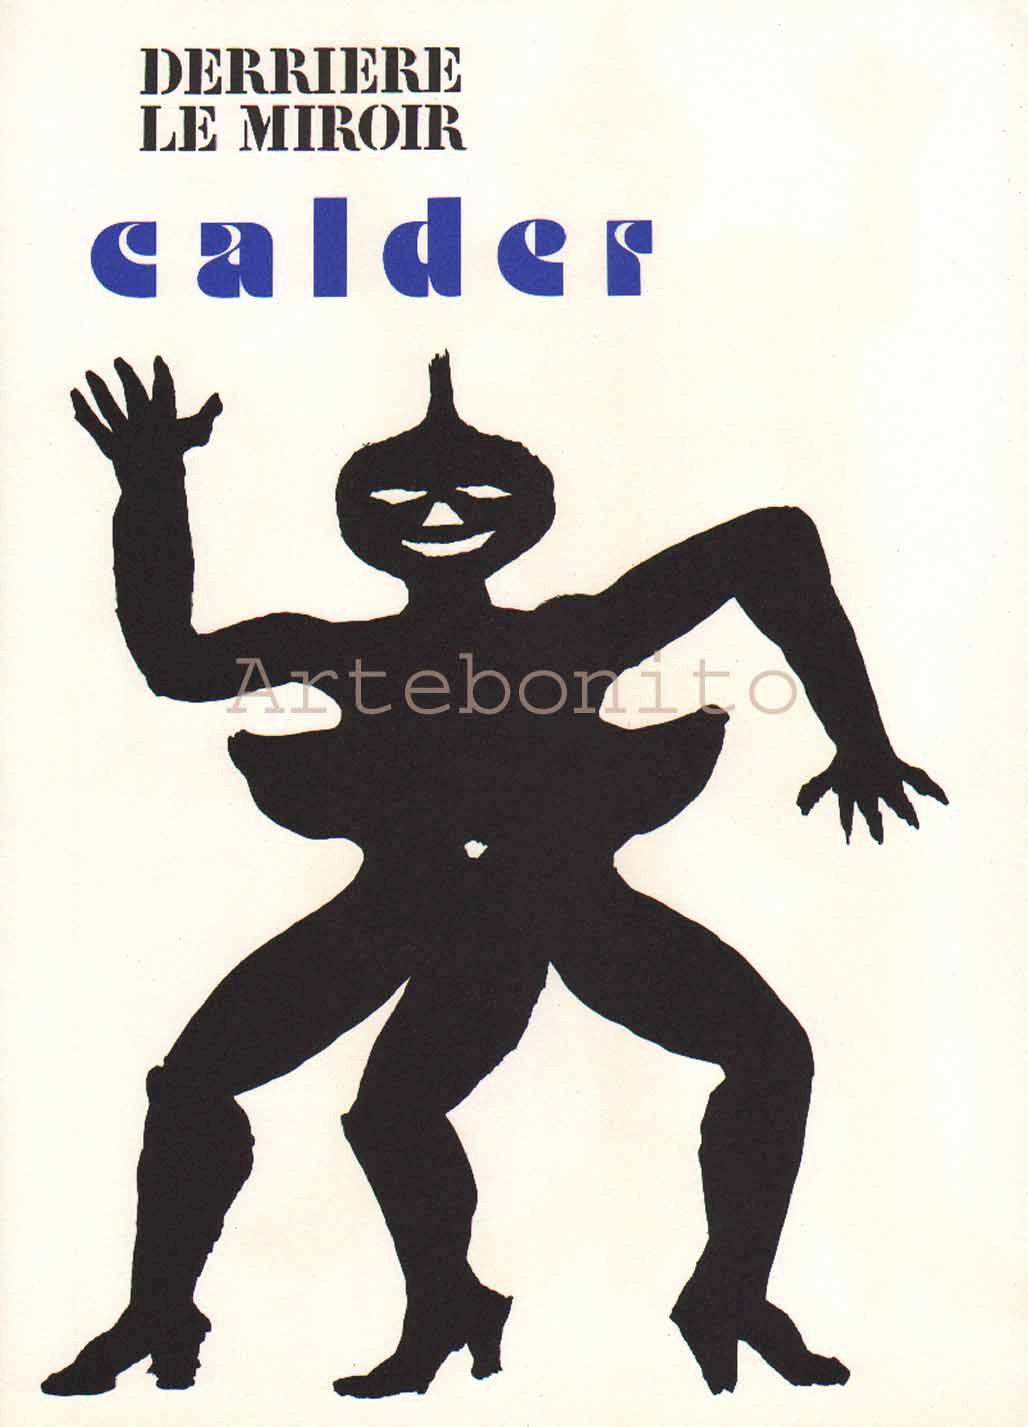 Alexander Calder, original Lithograph, DM15212, Derriere le miroir 1975